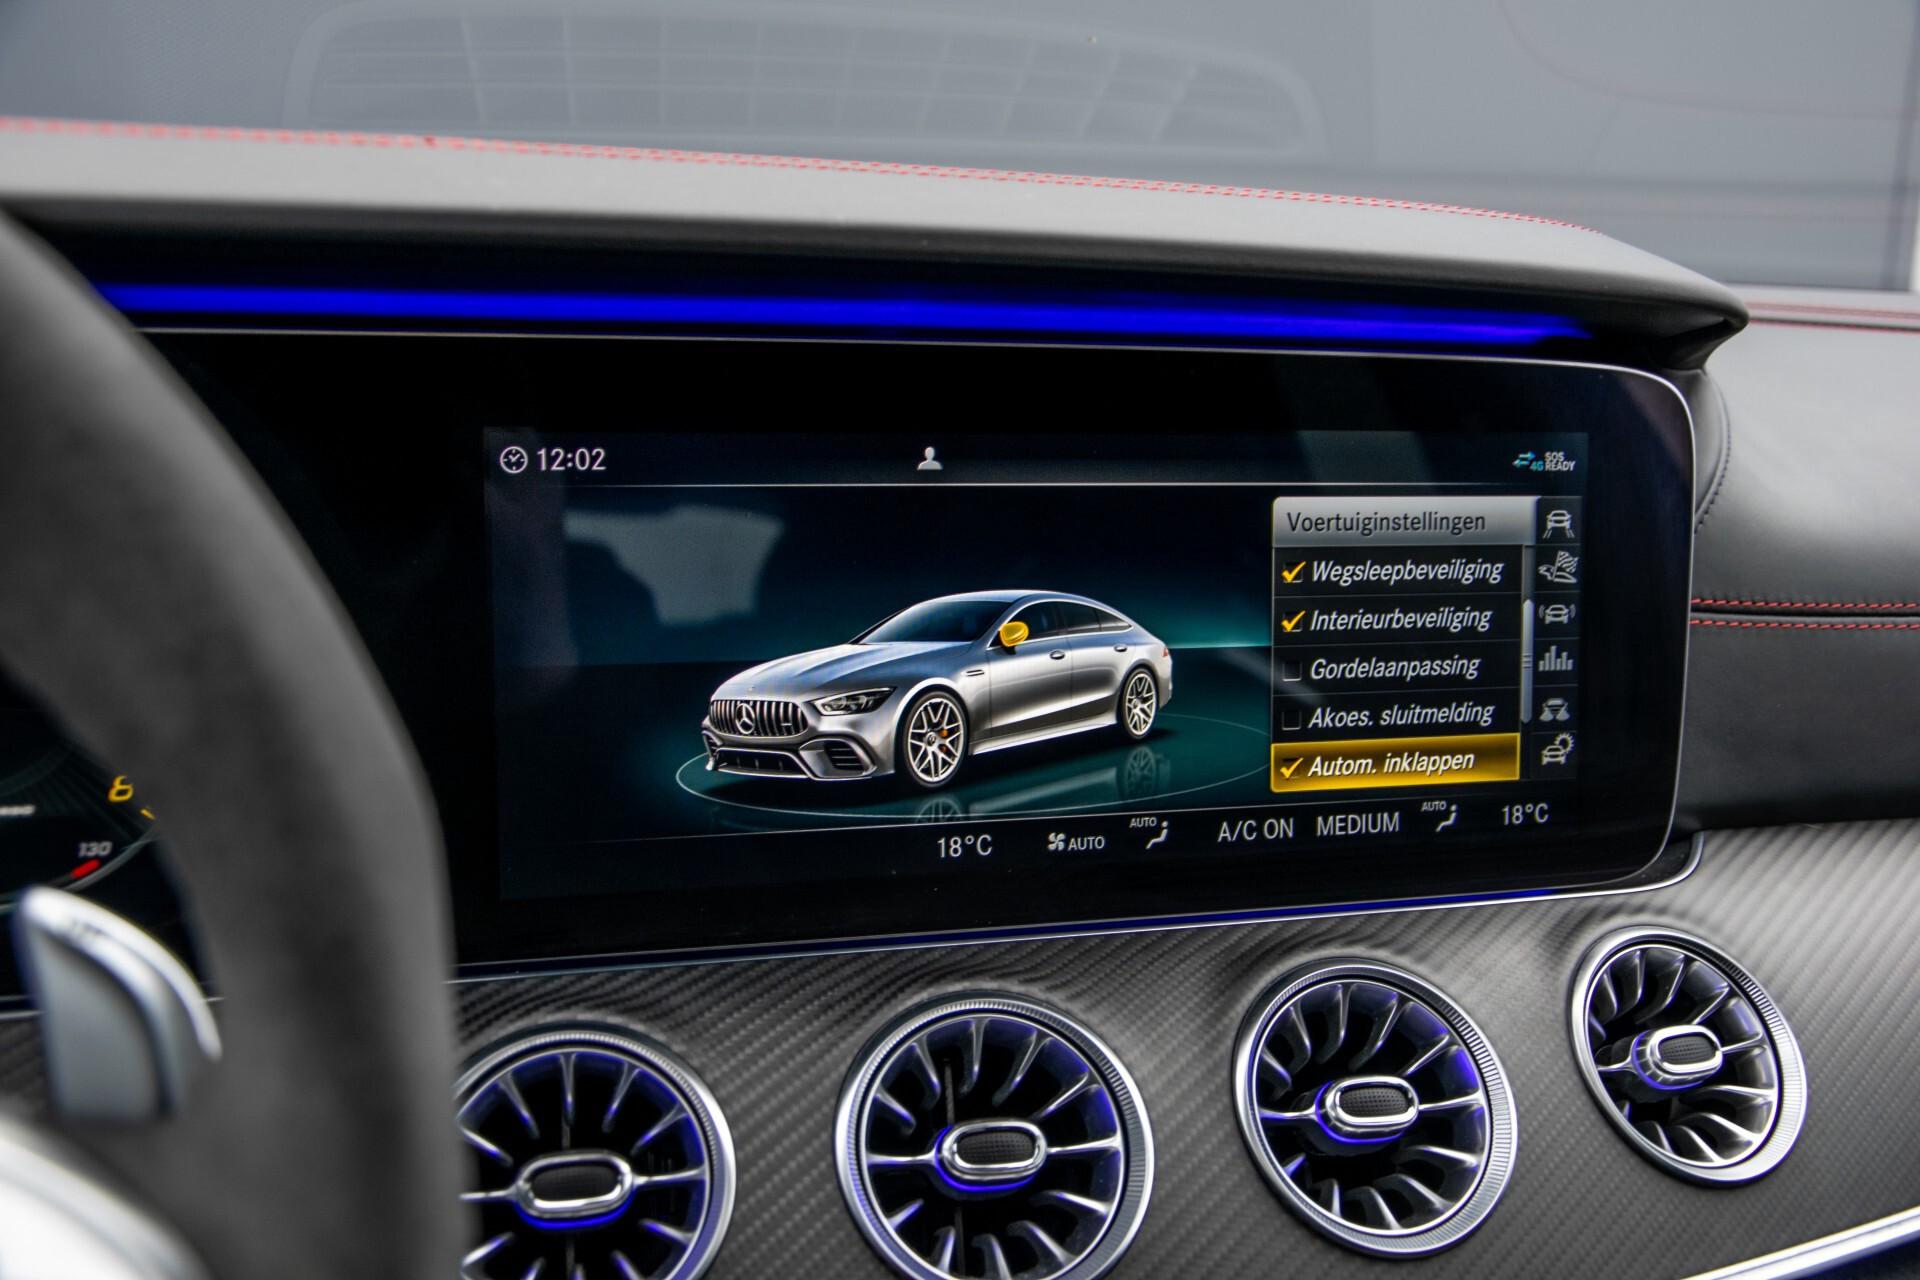 Mercedes-Benz AMG GT 4-Door Coupe 63 S 4M+ Keramisch/Full Carbon/Aerodynamica/Burmester 3D/TV/Performance stoelen/Standkachel Aut9 Foto 43